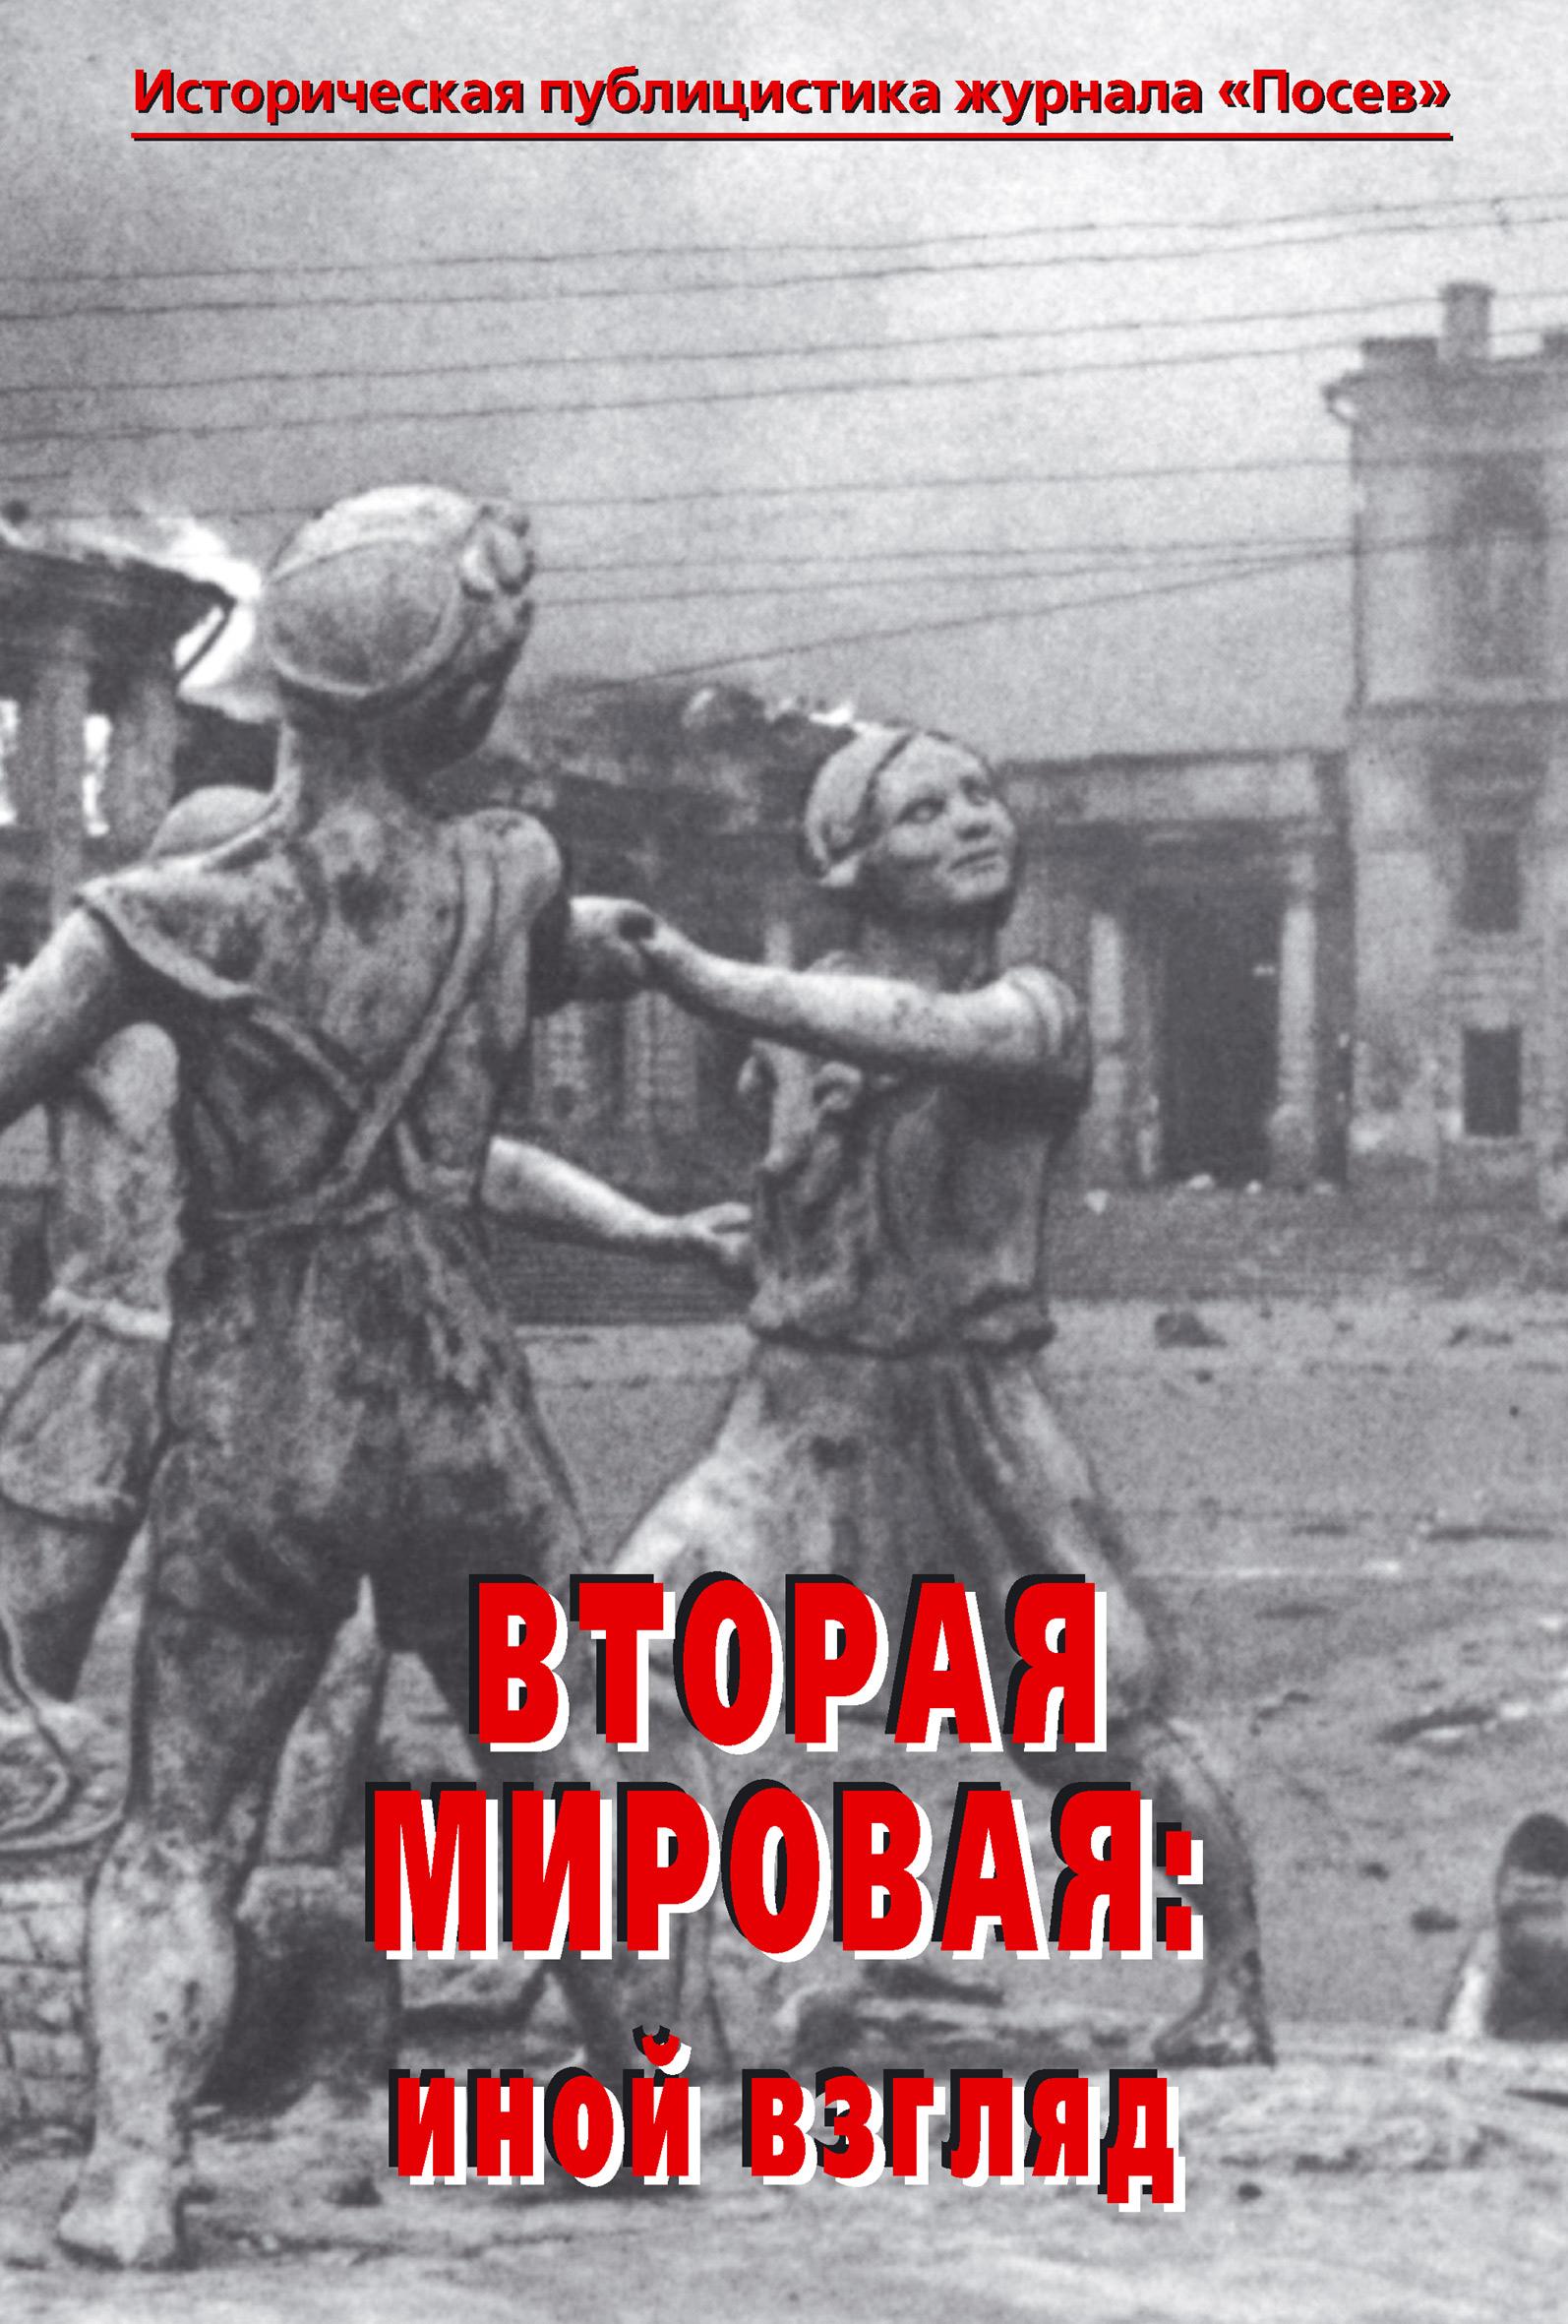 Вторая мировая: иной взгляд. Историческая публицистика журнала «Посев»